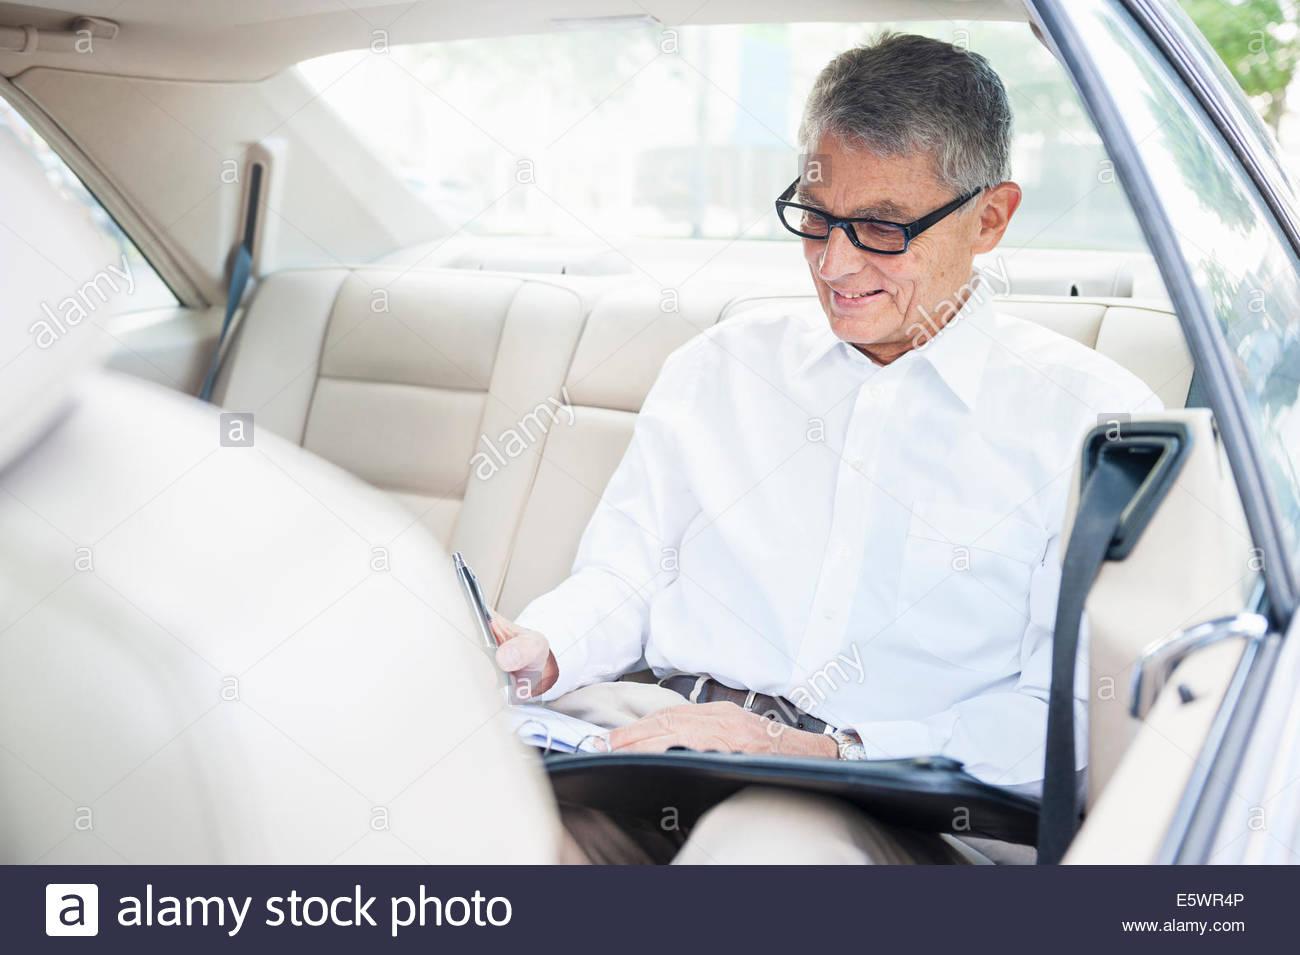 Senior adult businessman siège arrière de voiture, prendre des notes Photo Stock